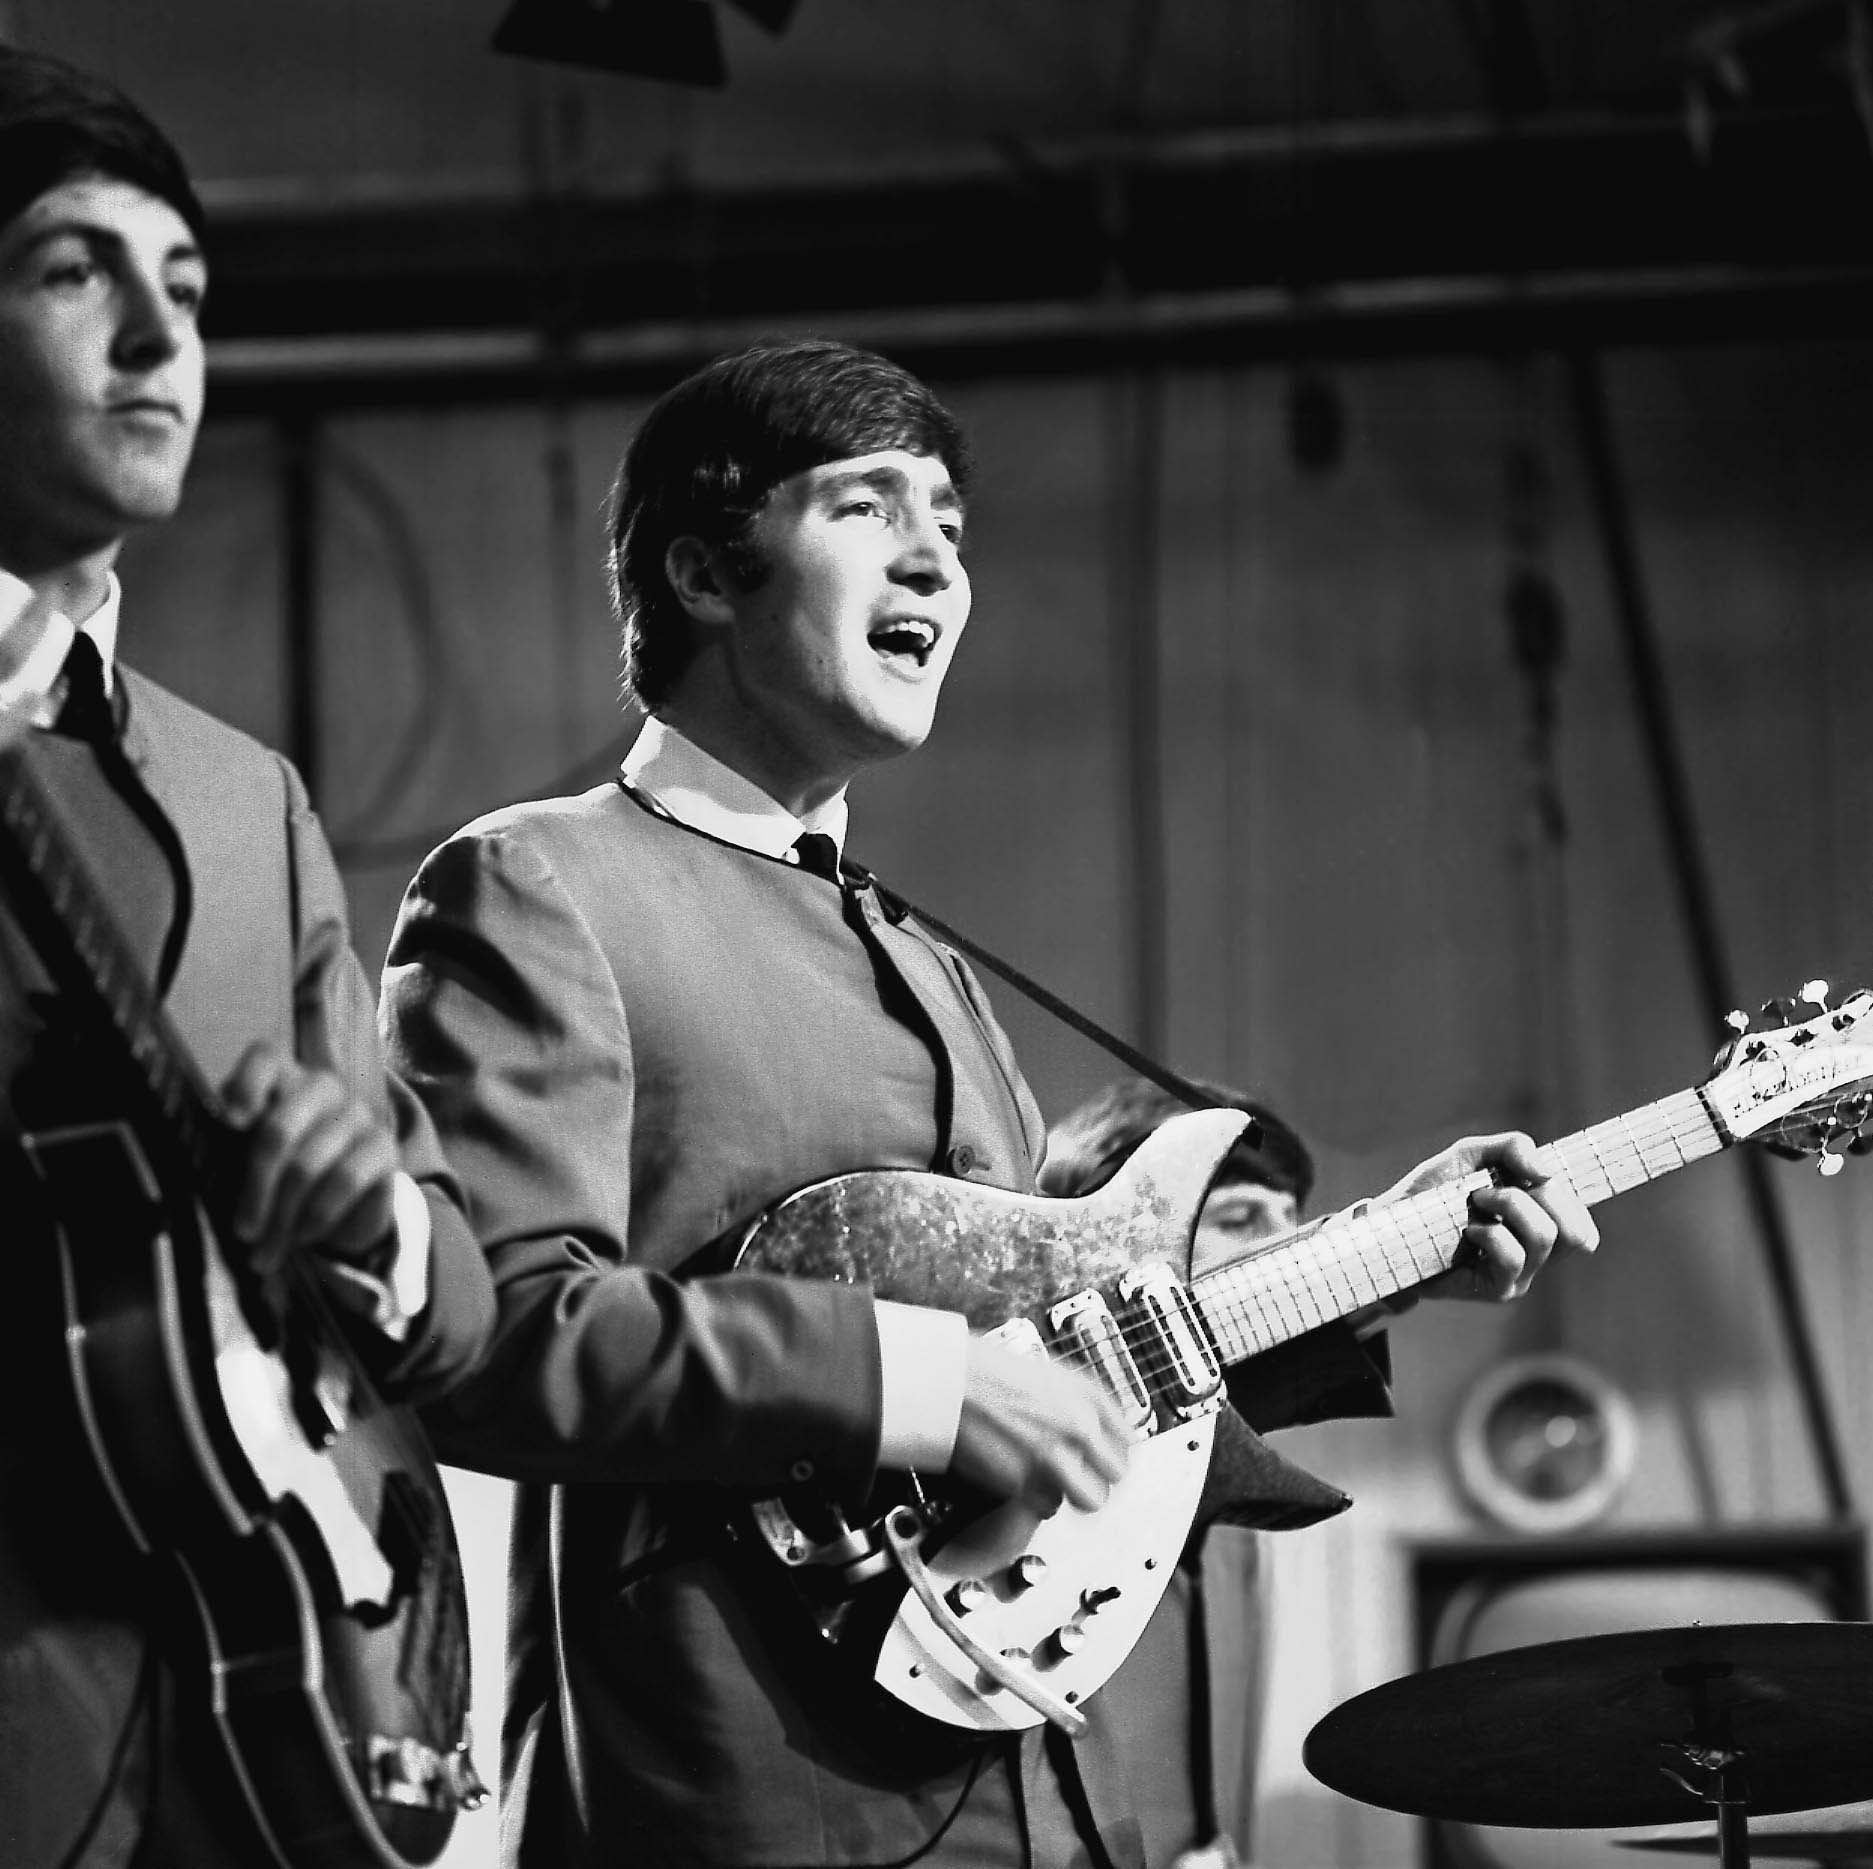 John Lennon Performing October 4th 1963